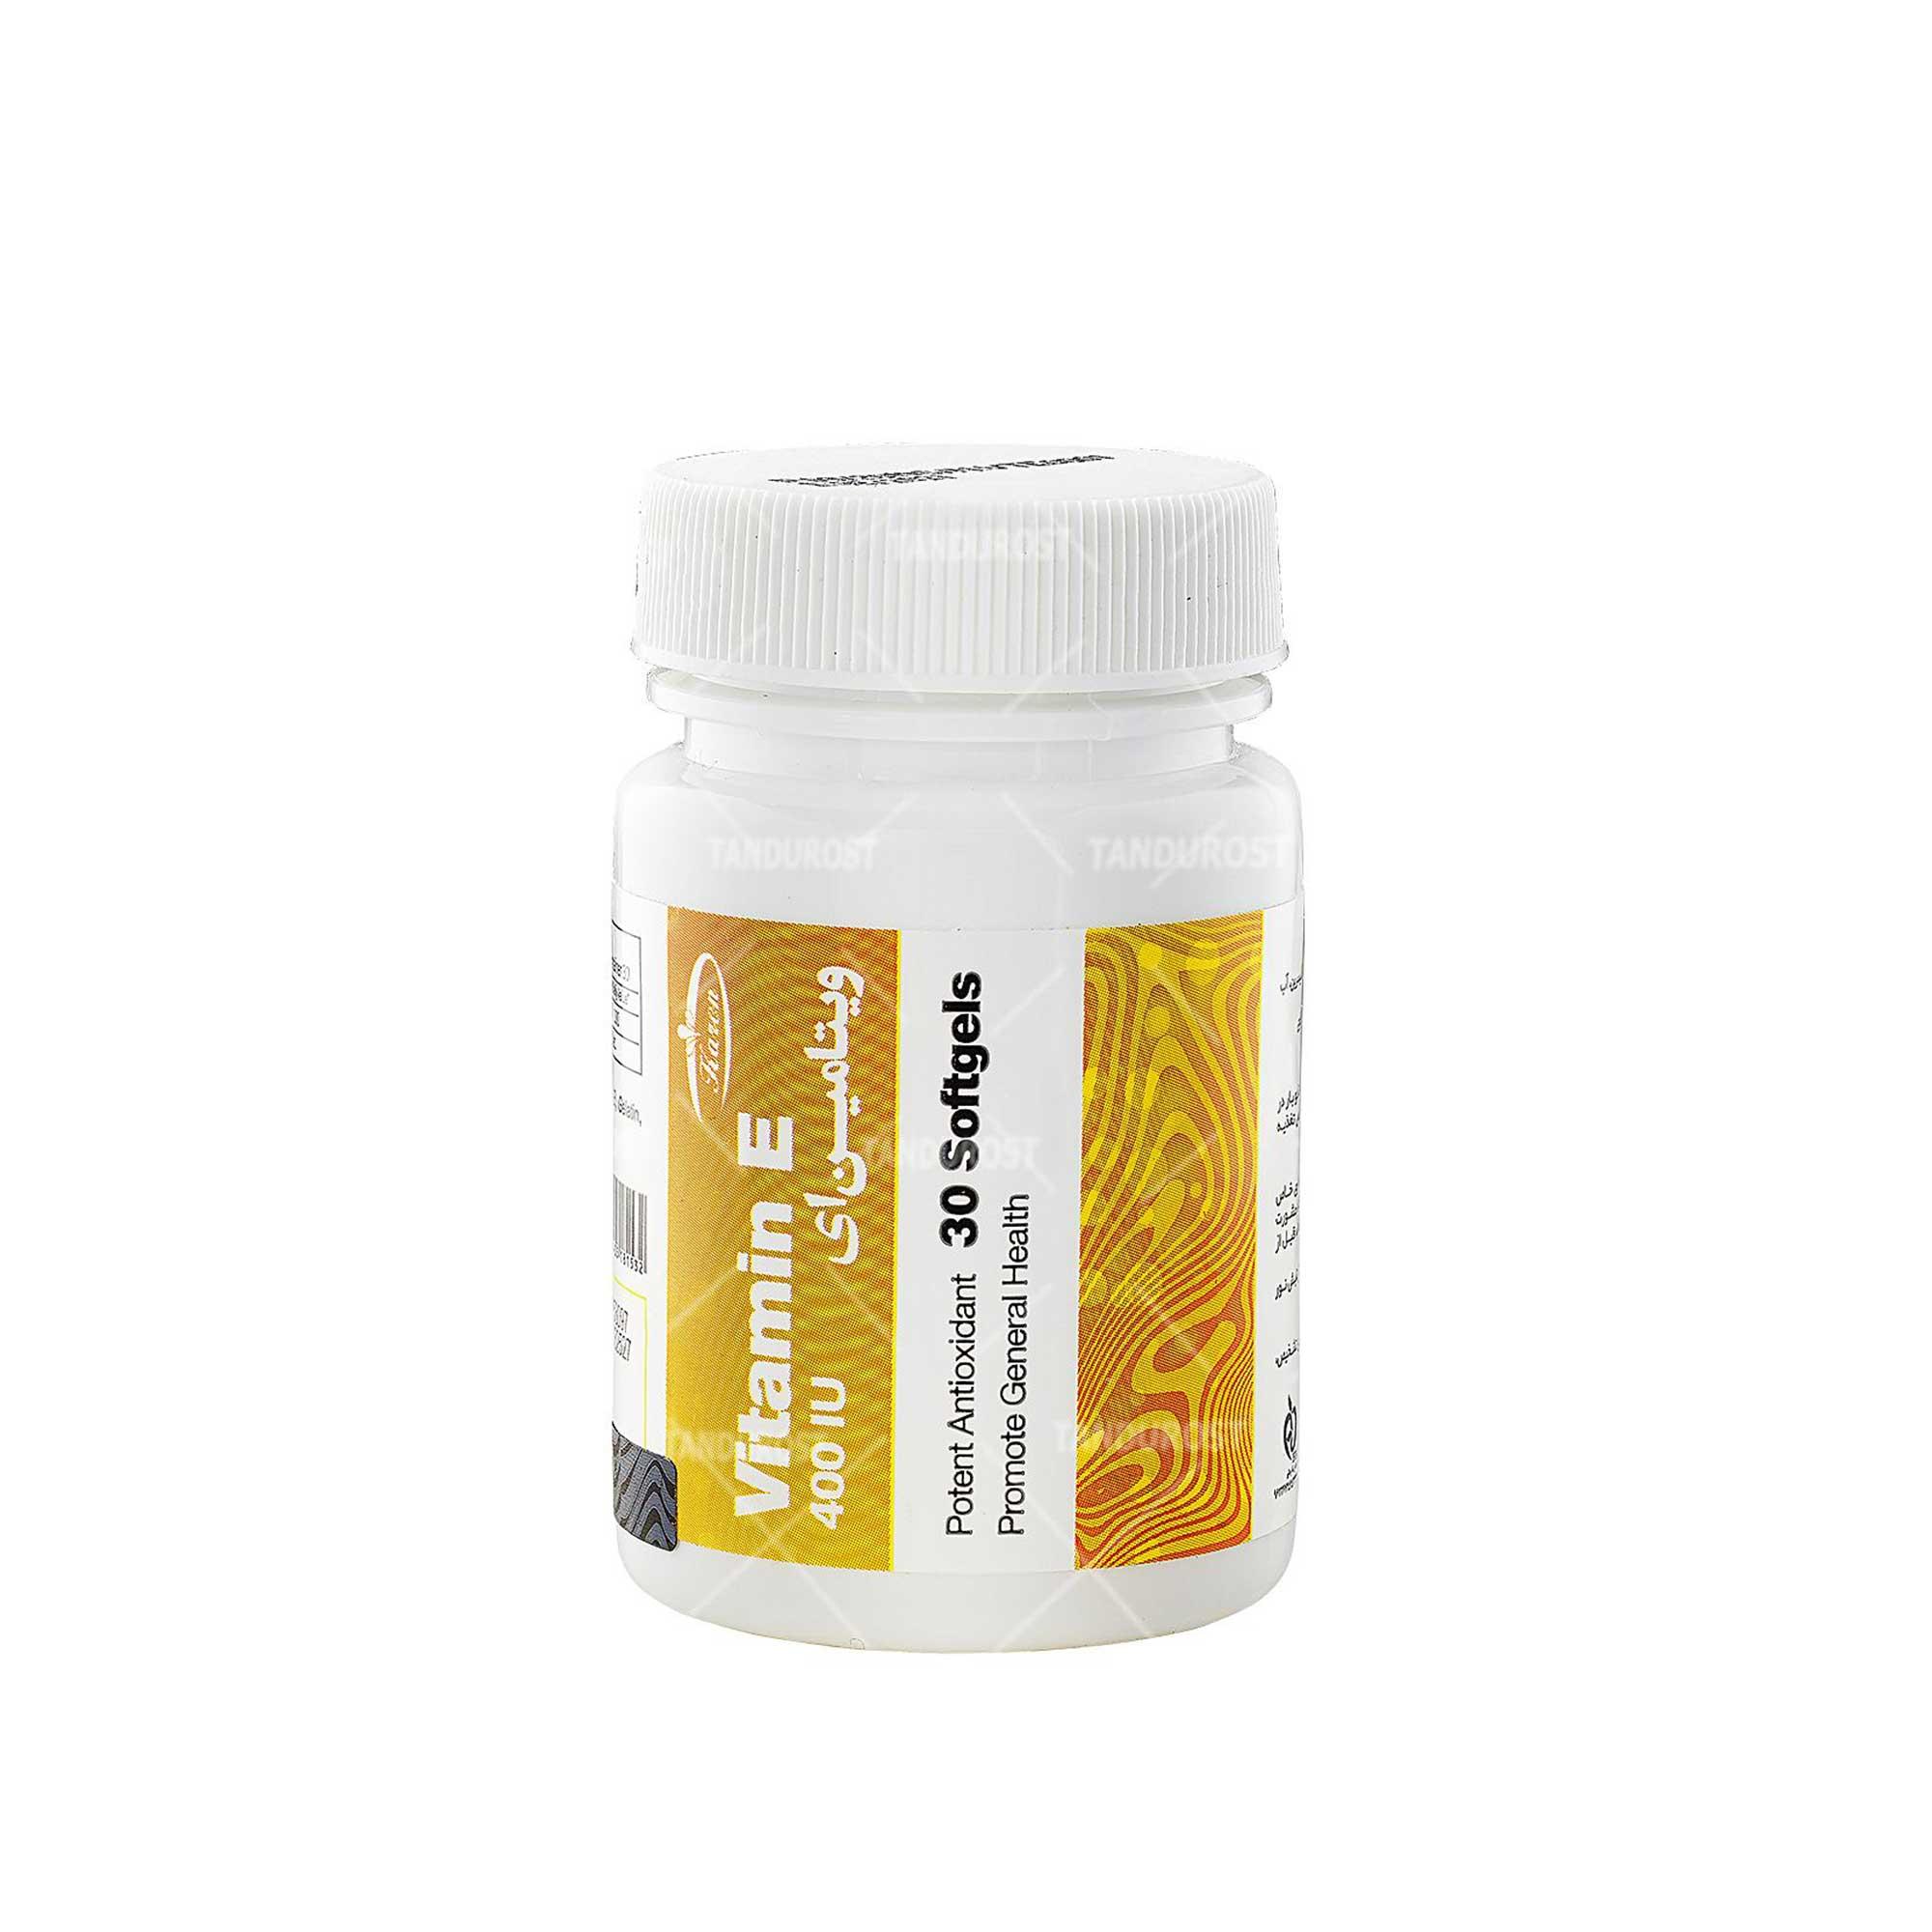 ویتامین ای کارن